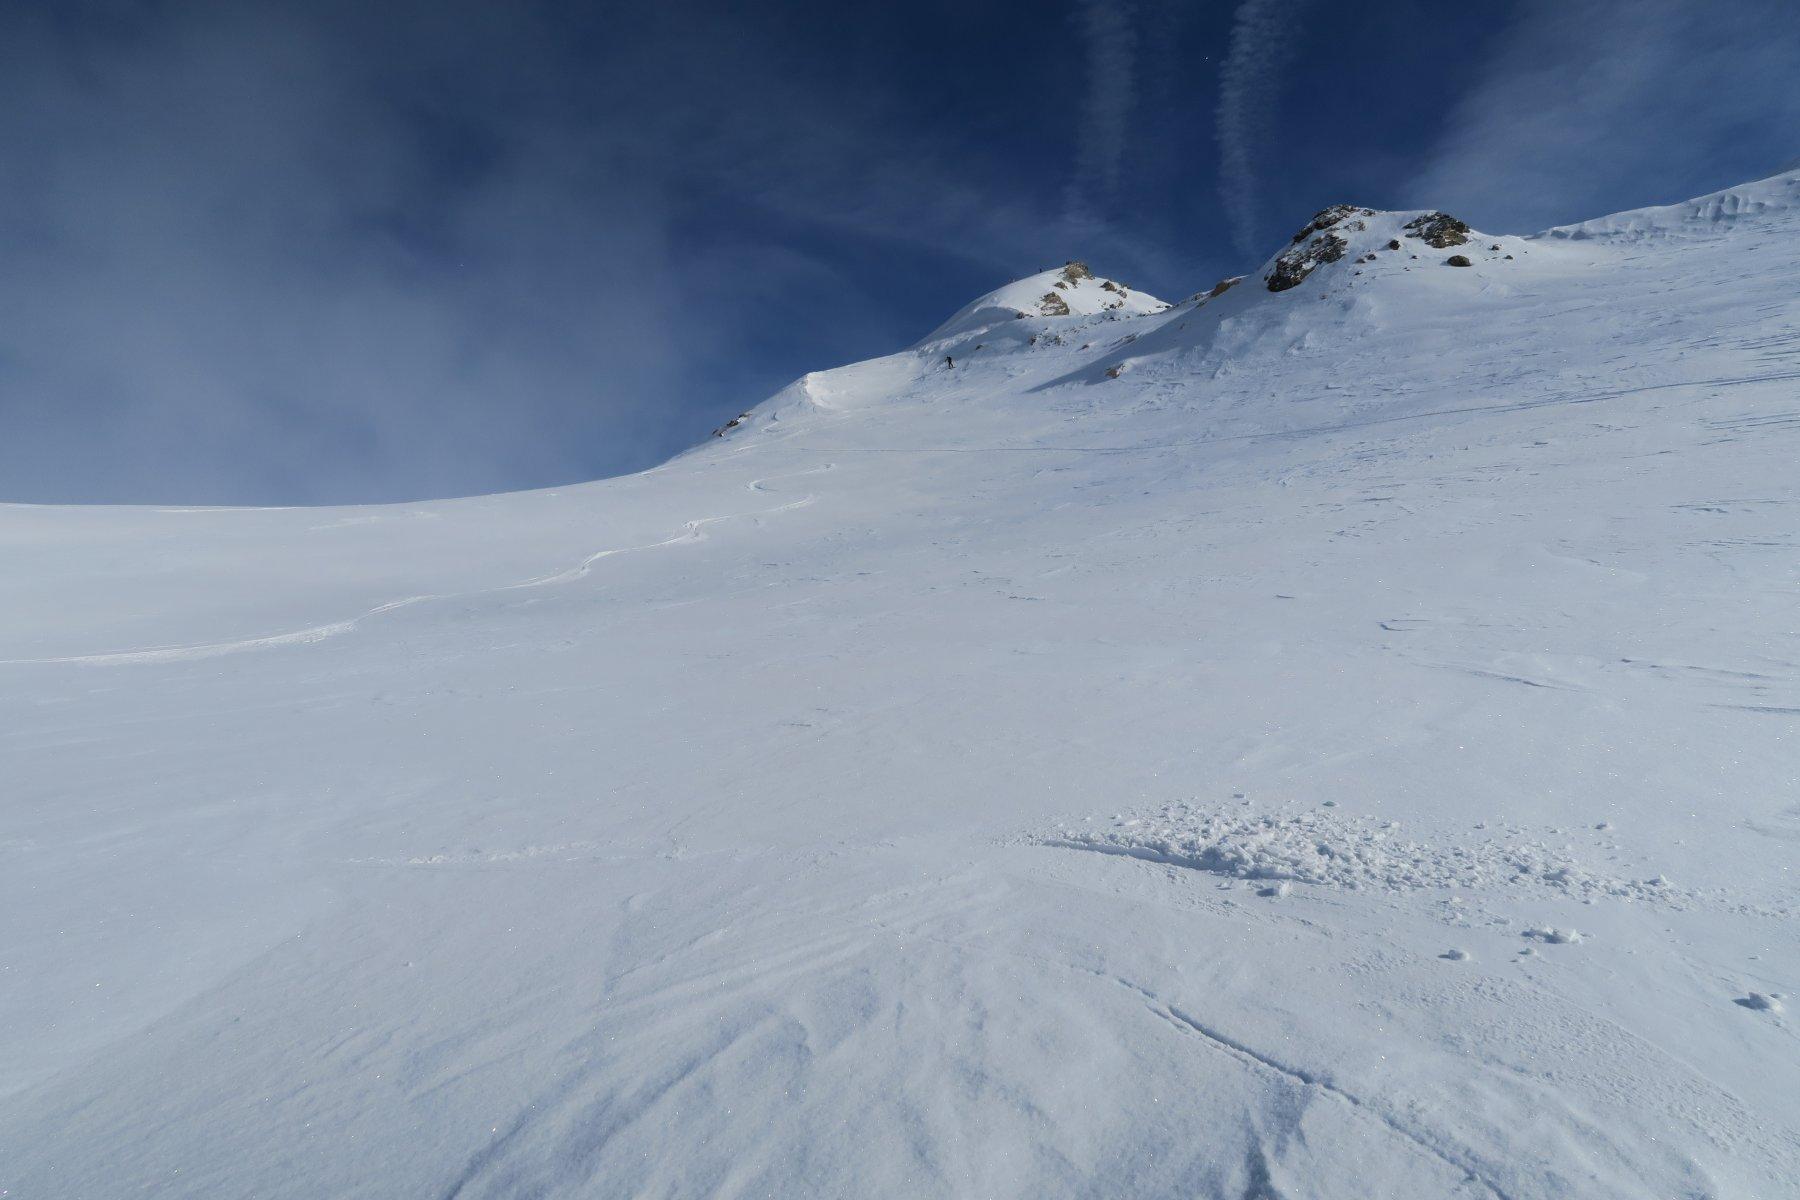 bella neve in alto, appena un pò ventata